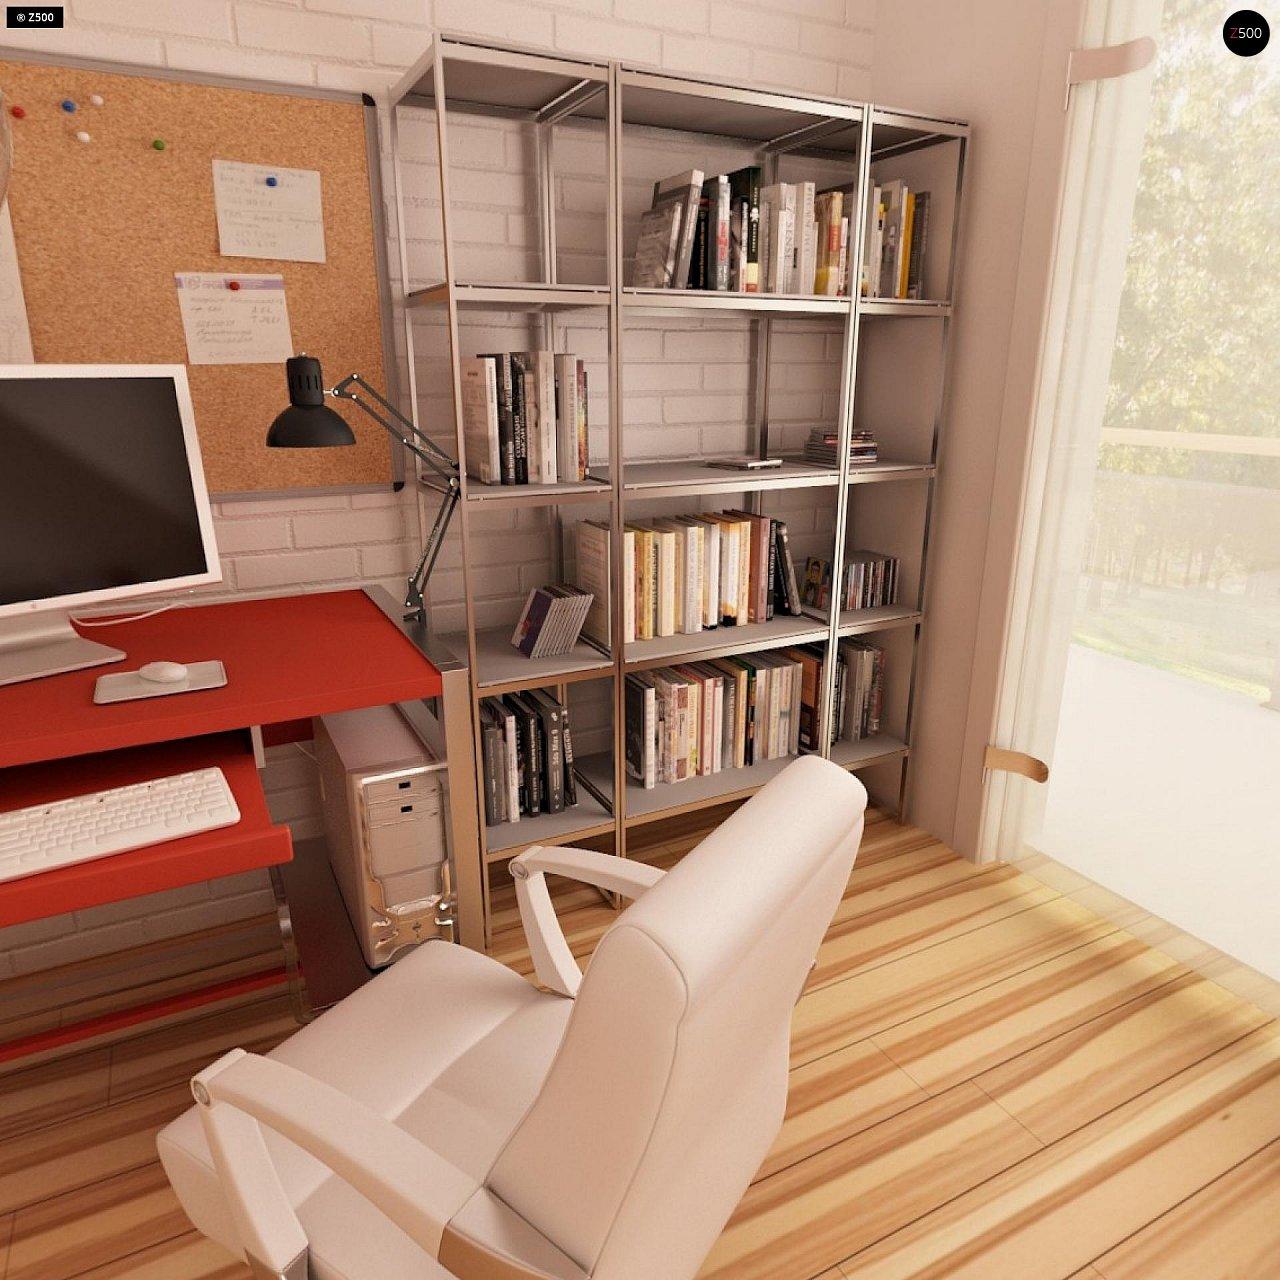 Современный дом с уютным и функциональным интерьером. Интересное сочетание двускатной крыши и кубических форм. - фото 10